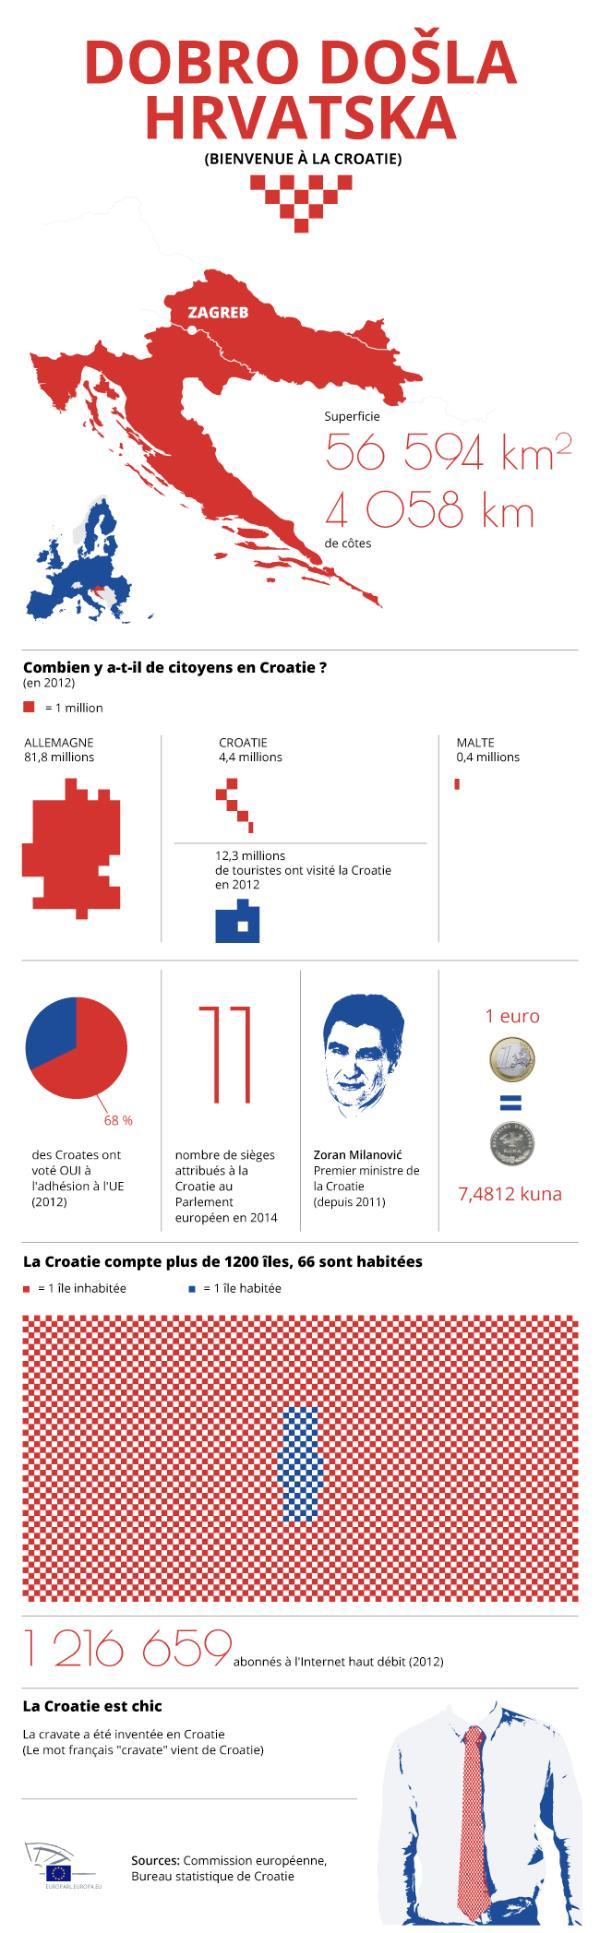 Infographie reprenant différentes données et chiffres sur la Croatie